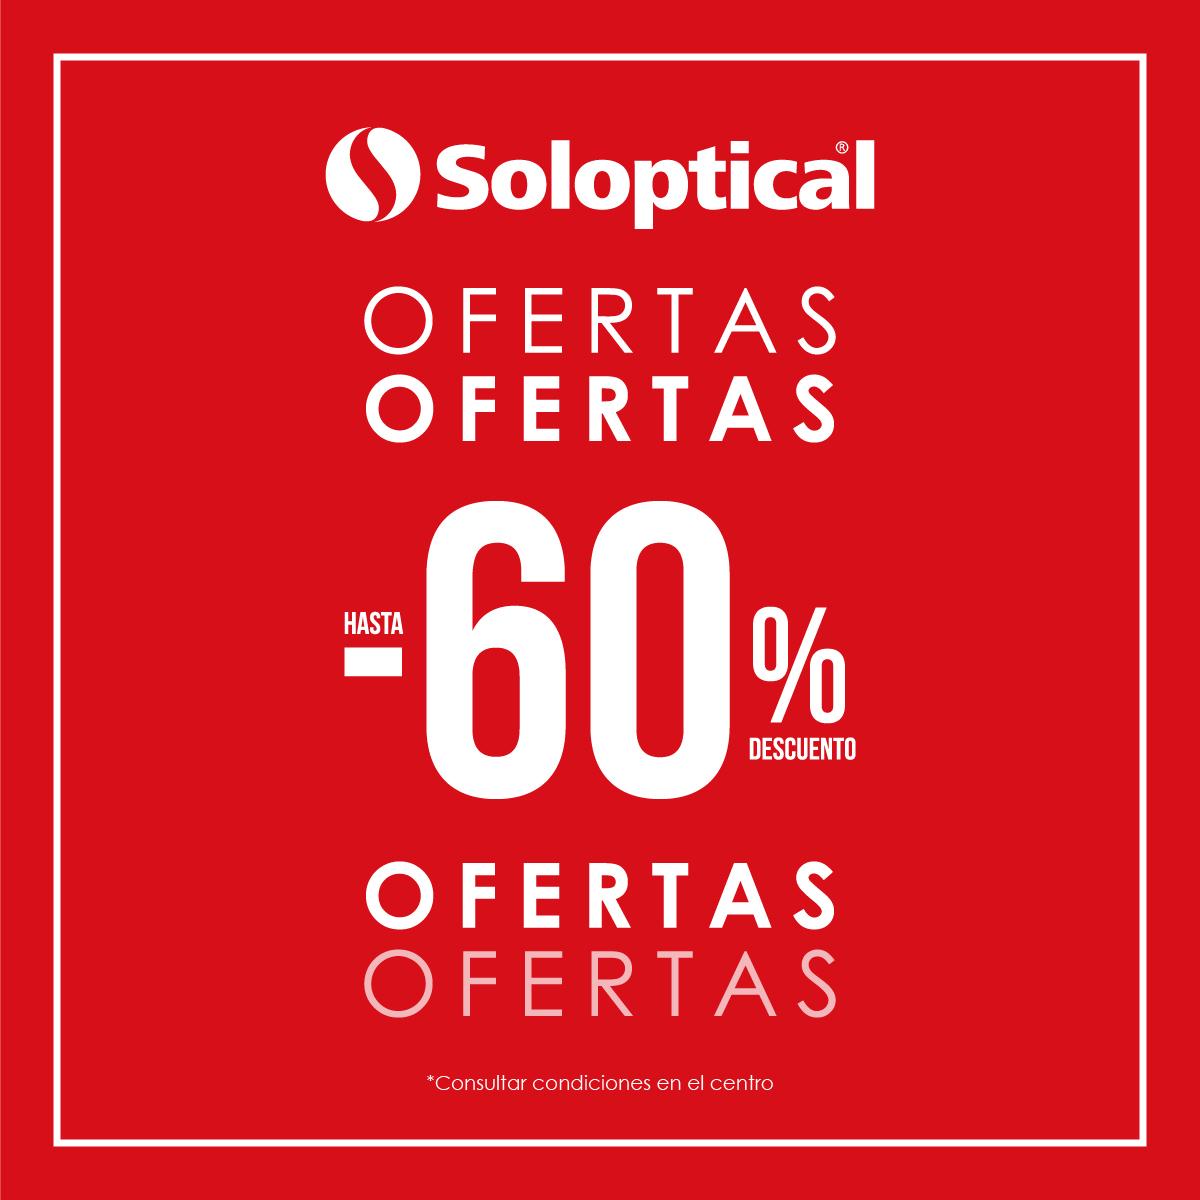 Oferta soloptical Centro Comercial La Verónica